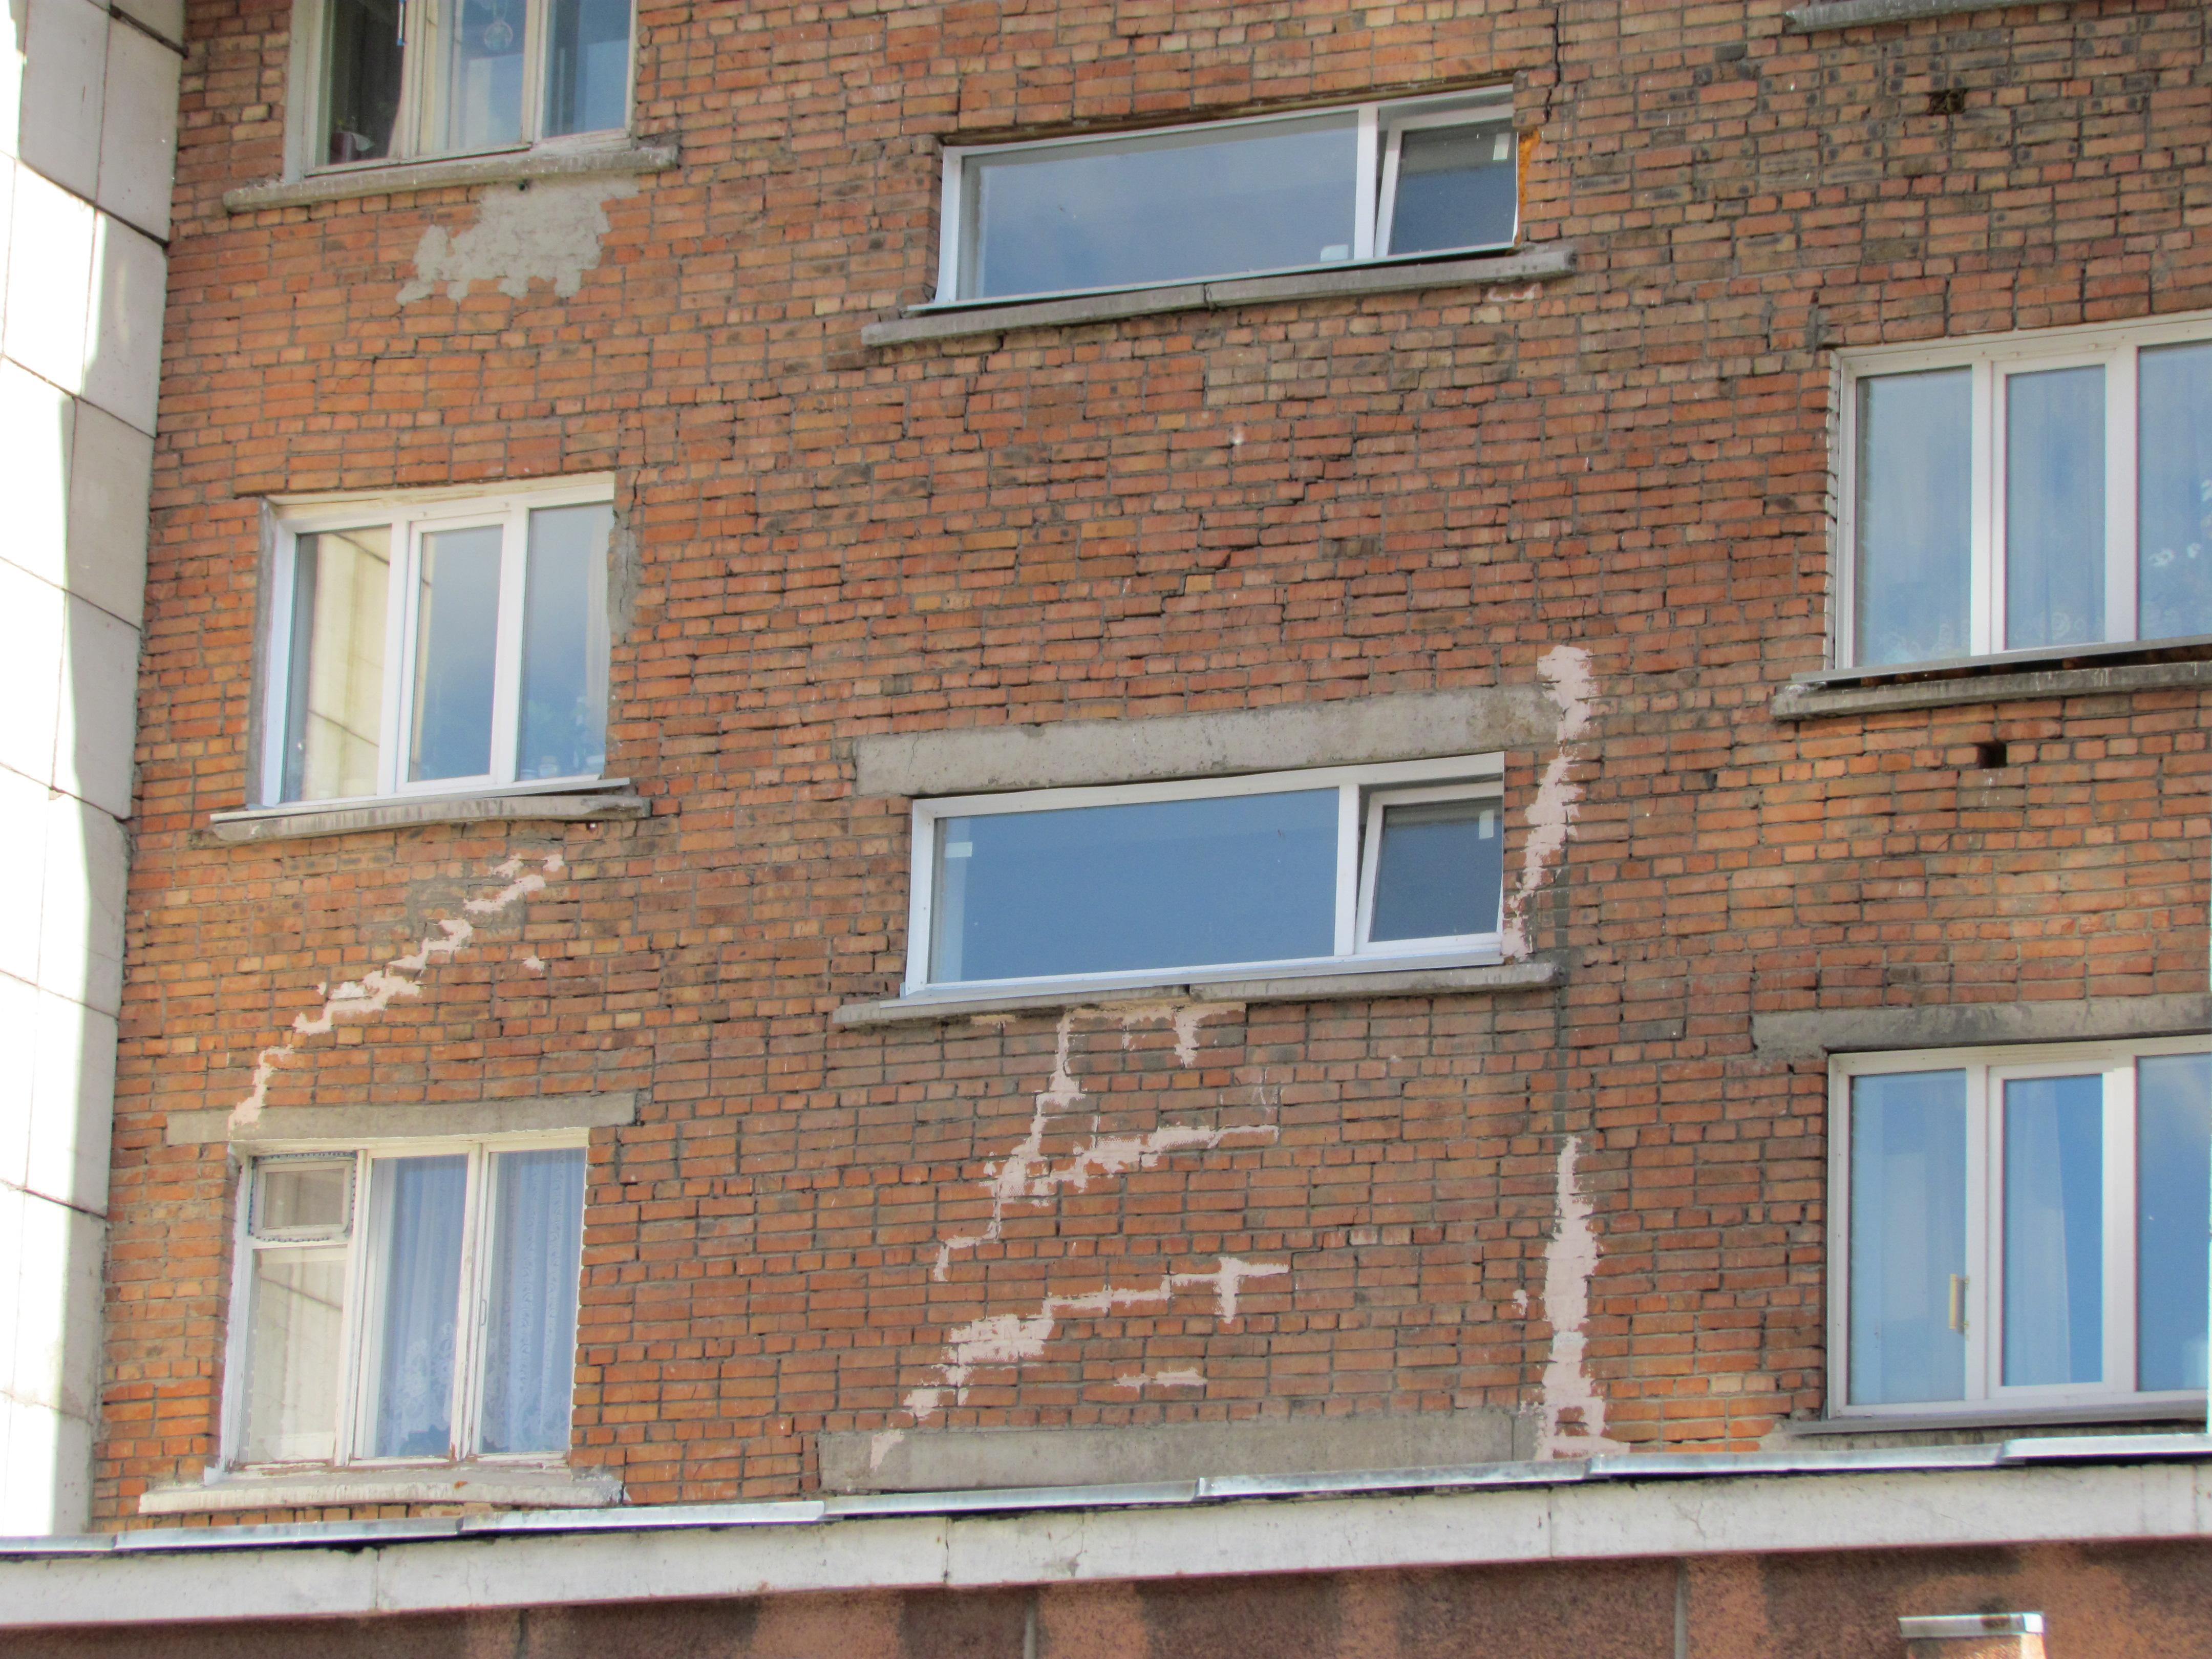 образец технического журнала осмотра зданий и сооружений